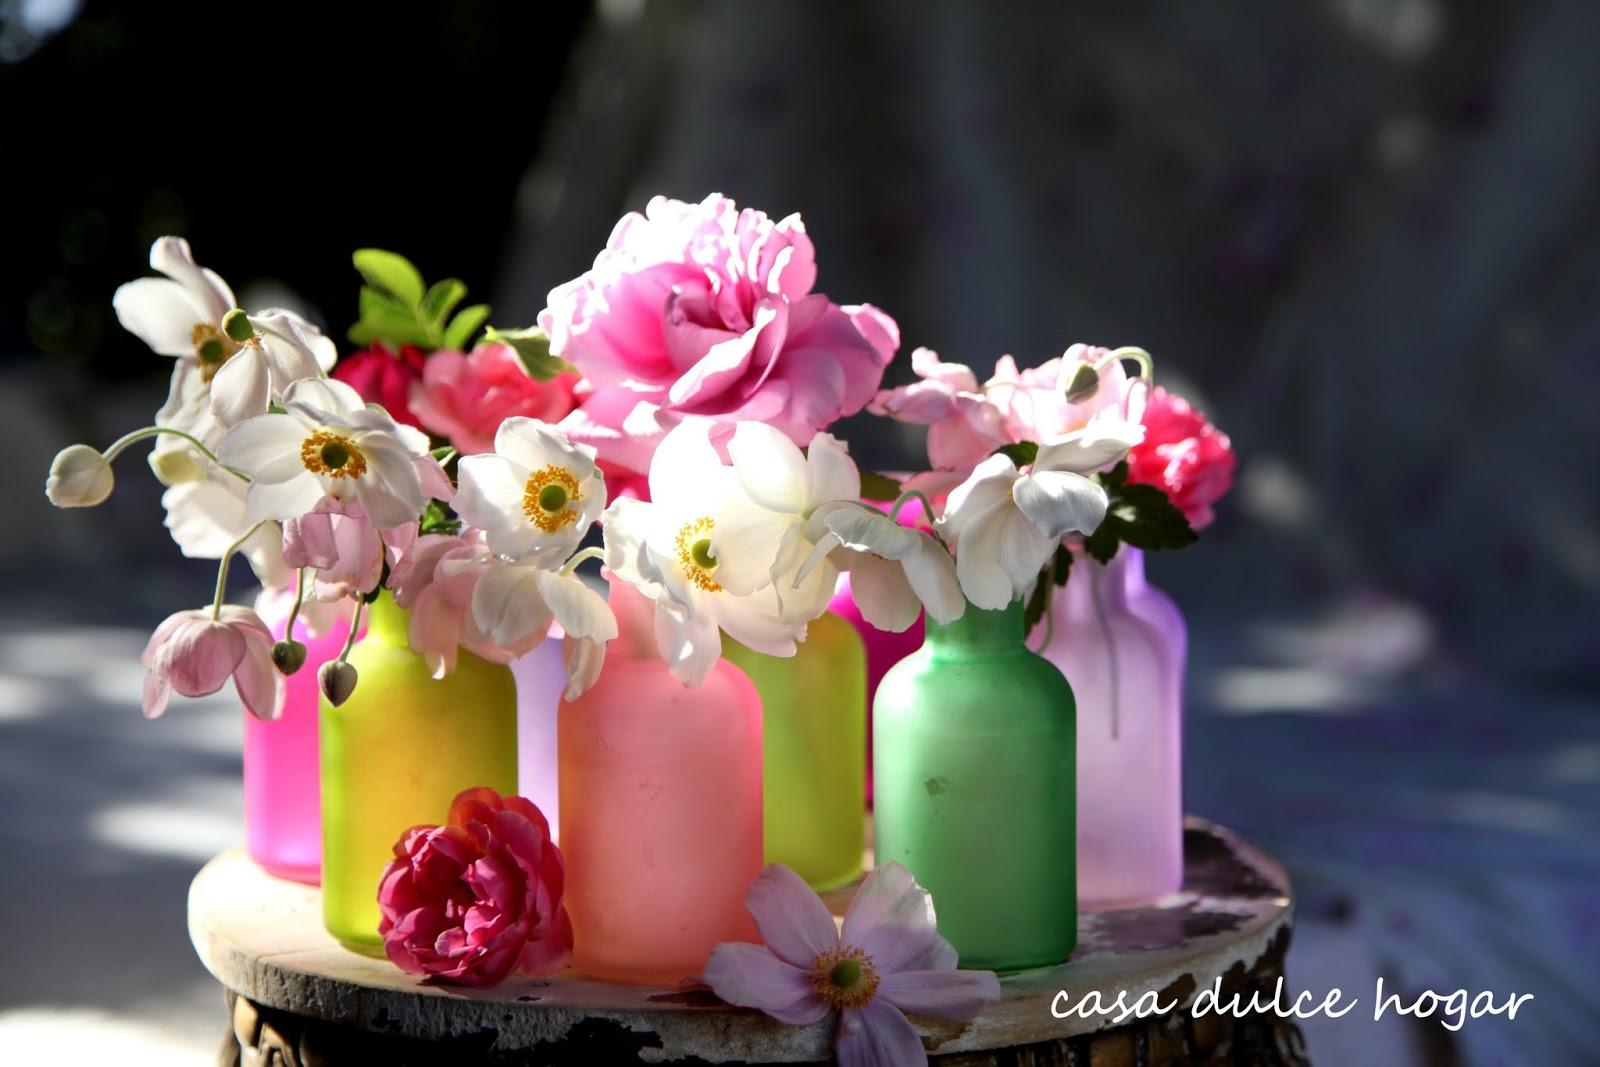 Fotos De Jardin Con Flores - Paso a paso: Crea una torre de flores para tu jardín Casa